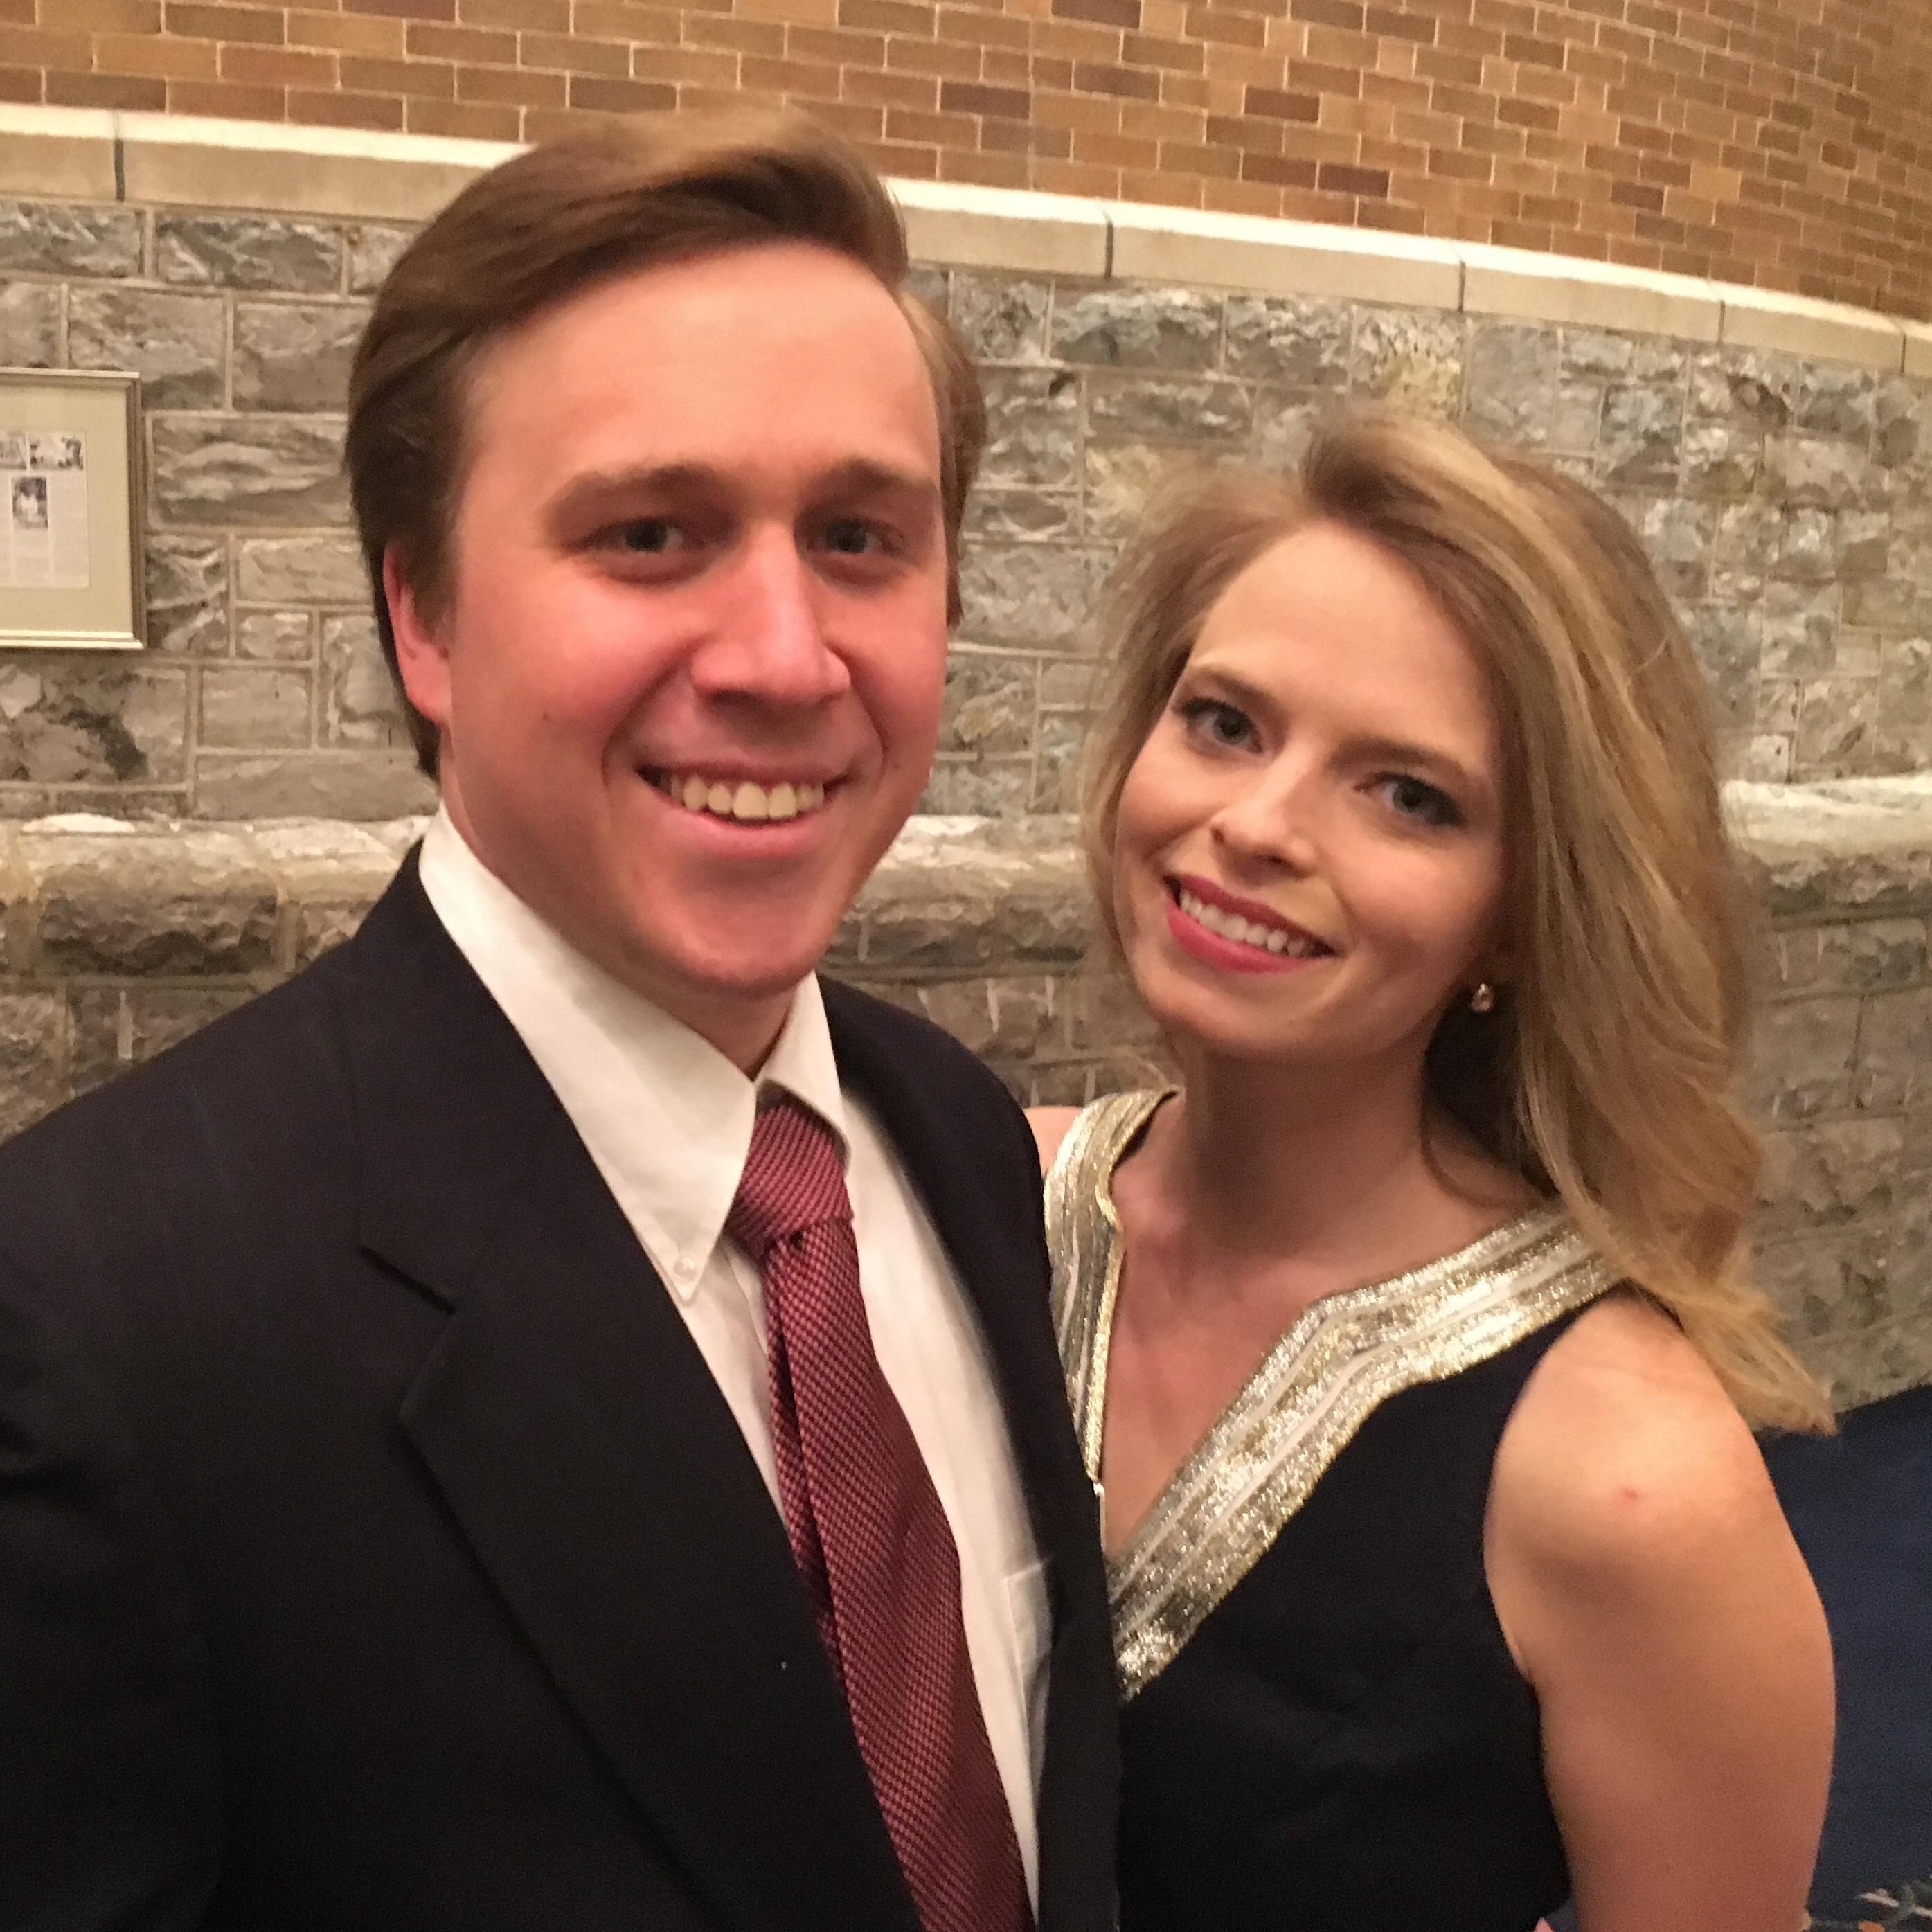 Daniel & Rebekah G.